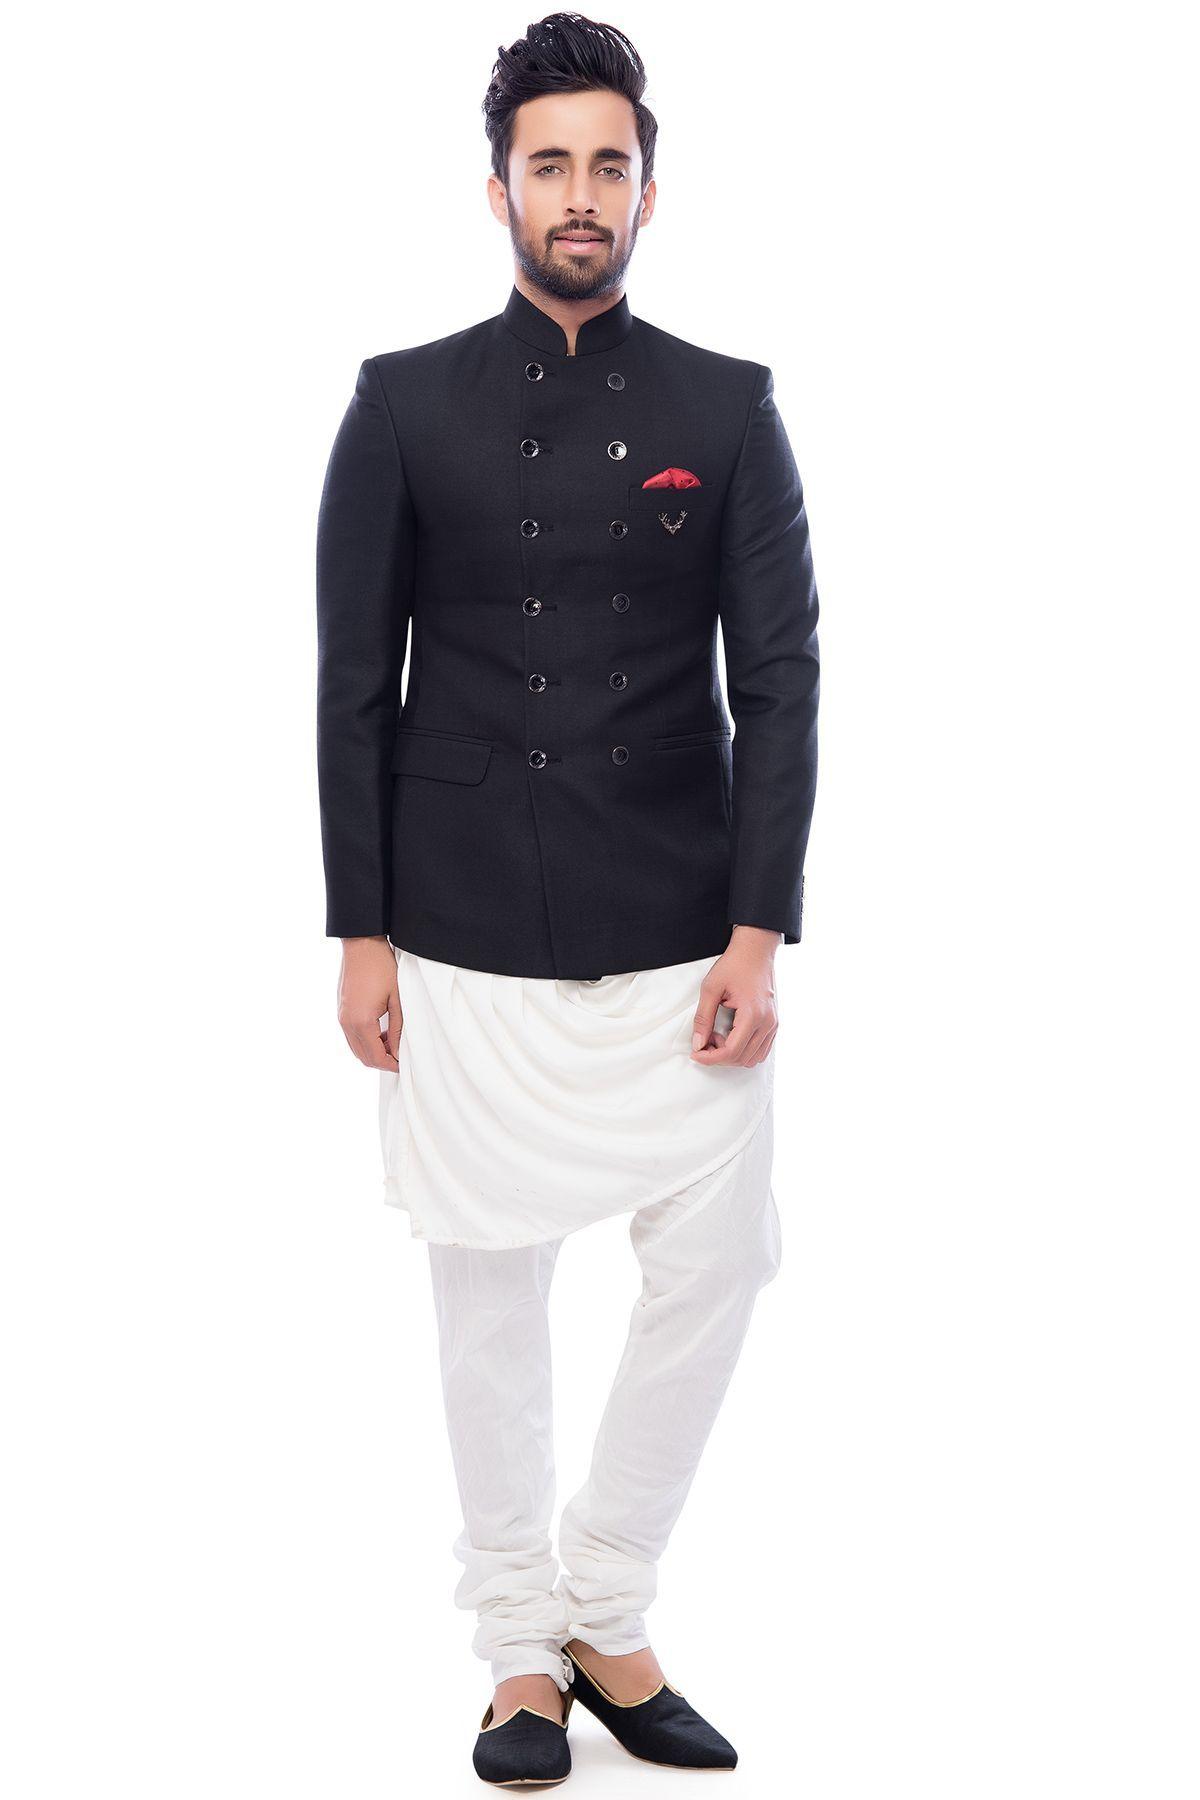 Black Amp White Italian Jodhpuri Suit St930 Mens Outfits Mens